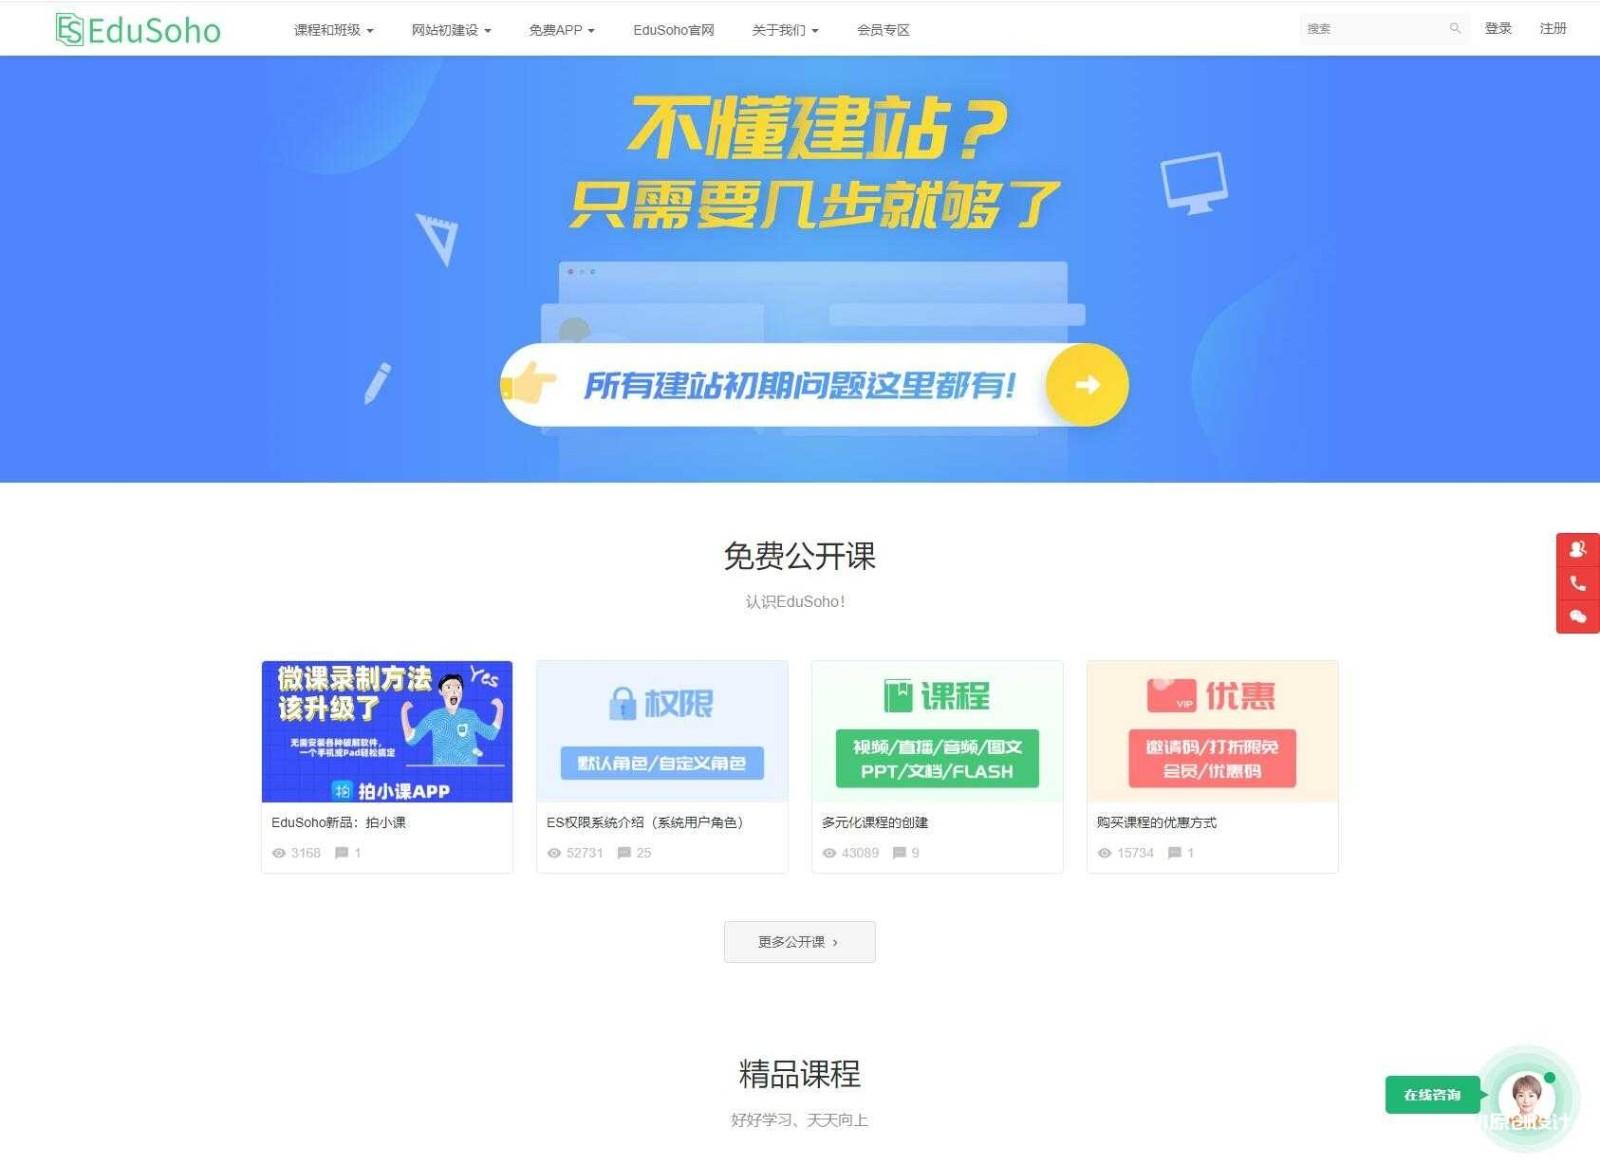 最新EduSoHo在线教育商业版带账户充值和VIP商业插件